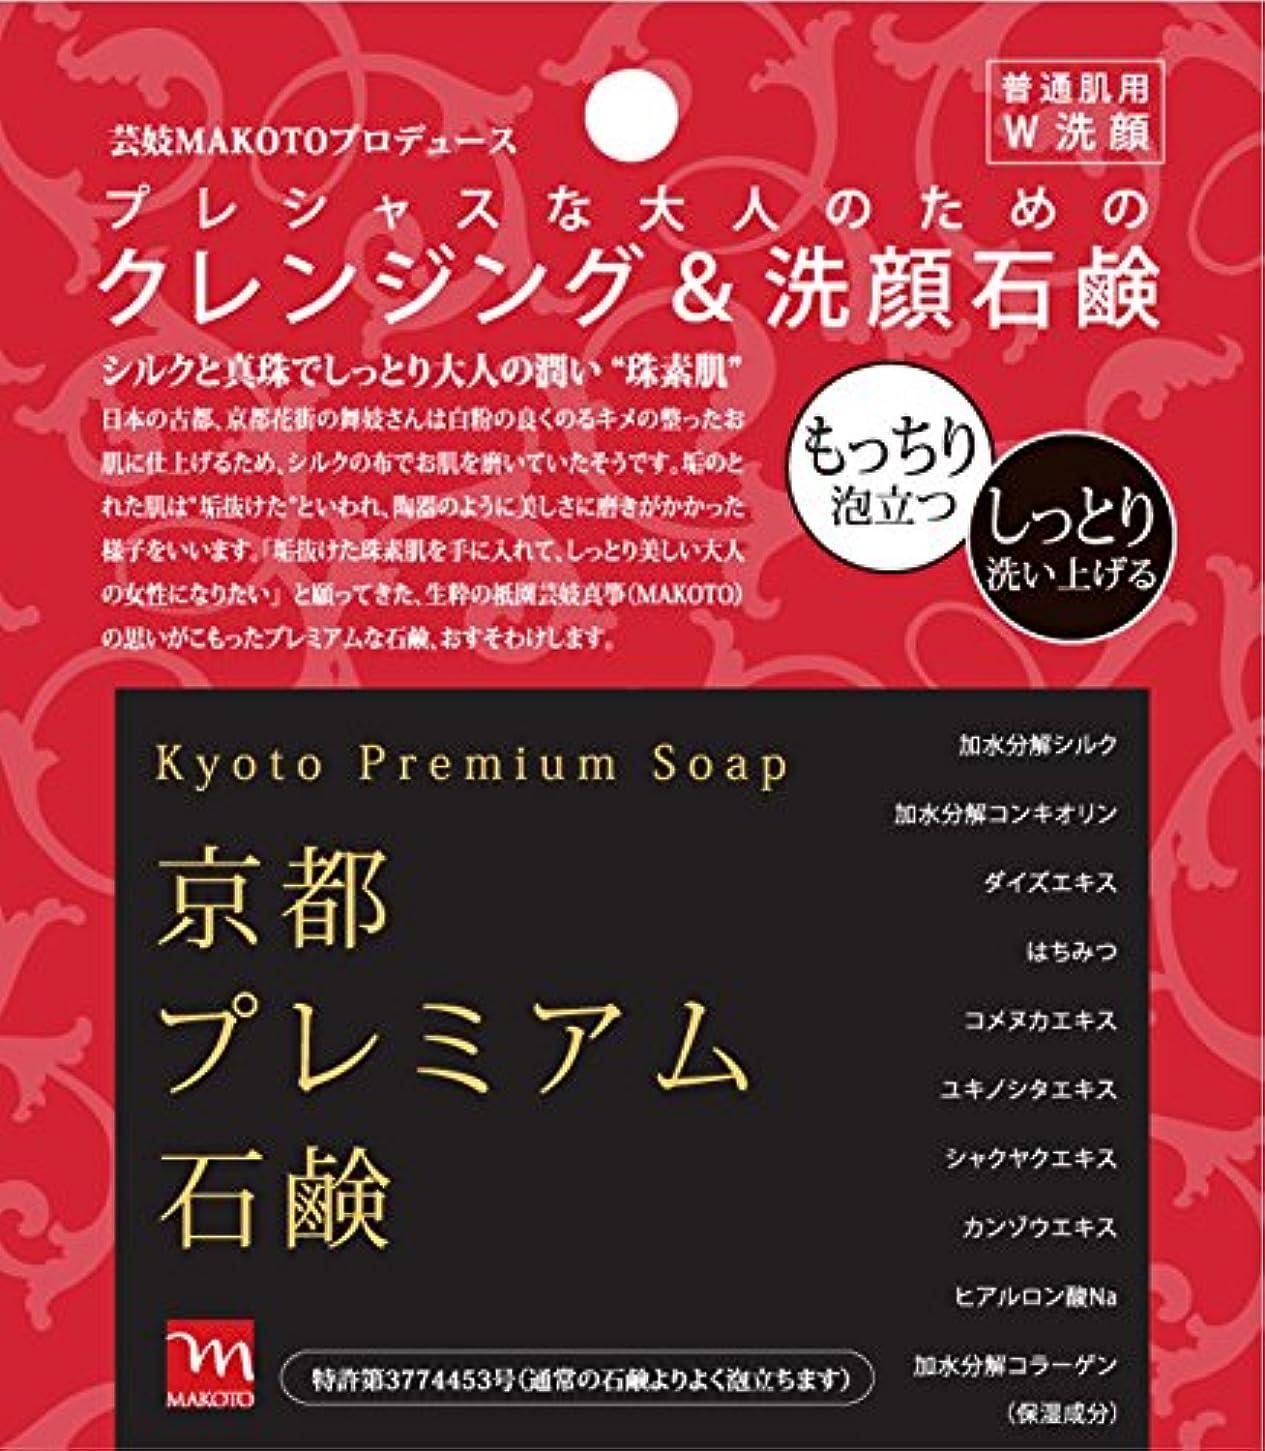 遺伝的変な手配する京都プレミアム石鹸 クレンジング&洗顔石鹸 しっとり もっちり 芸妓さん監修